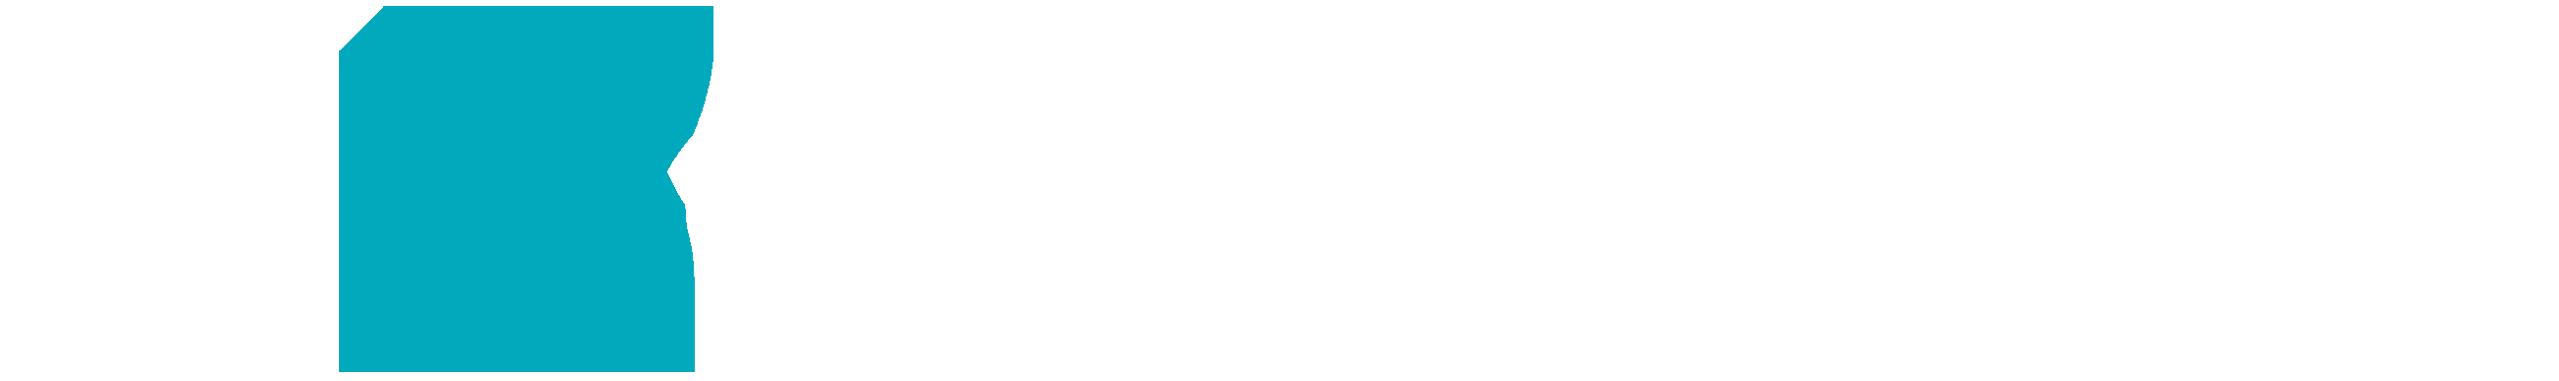 Clarion Pointe logo